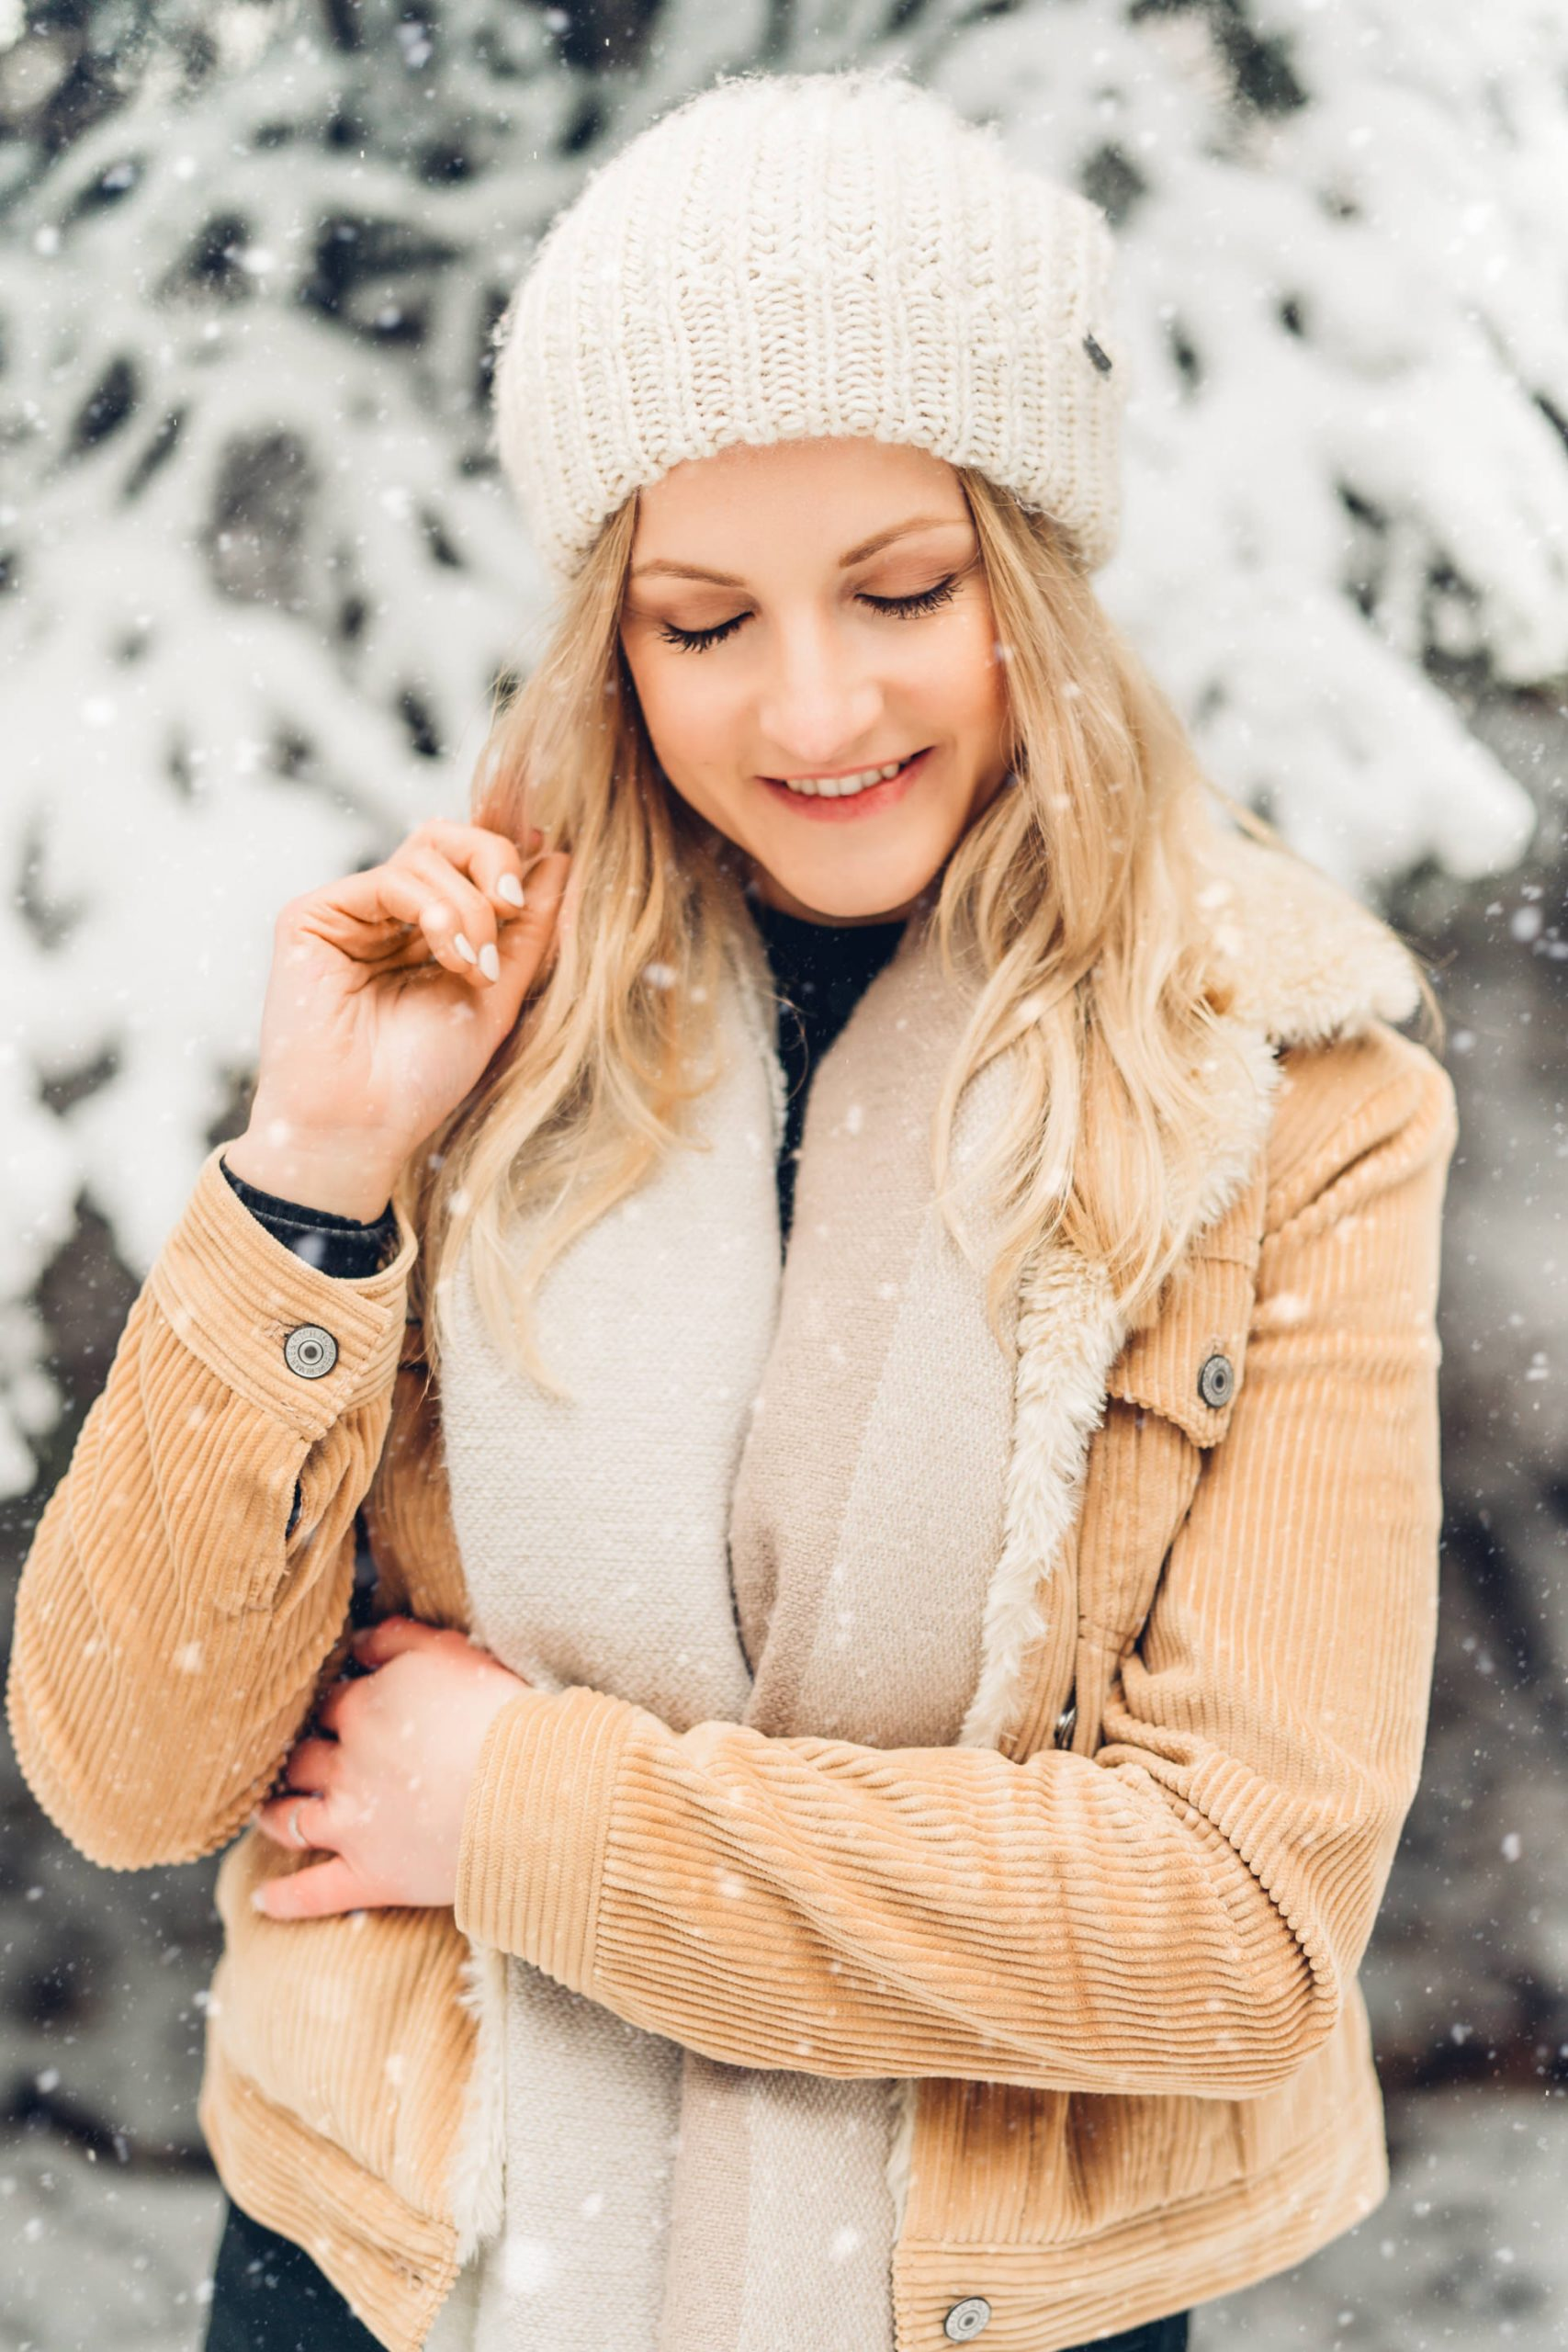 Winter Portraits im Schnee